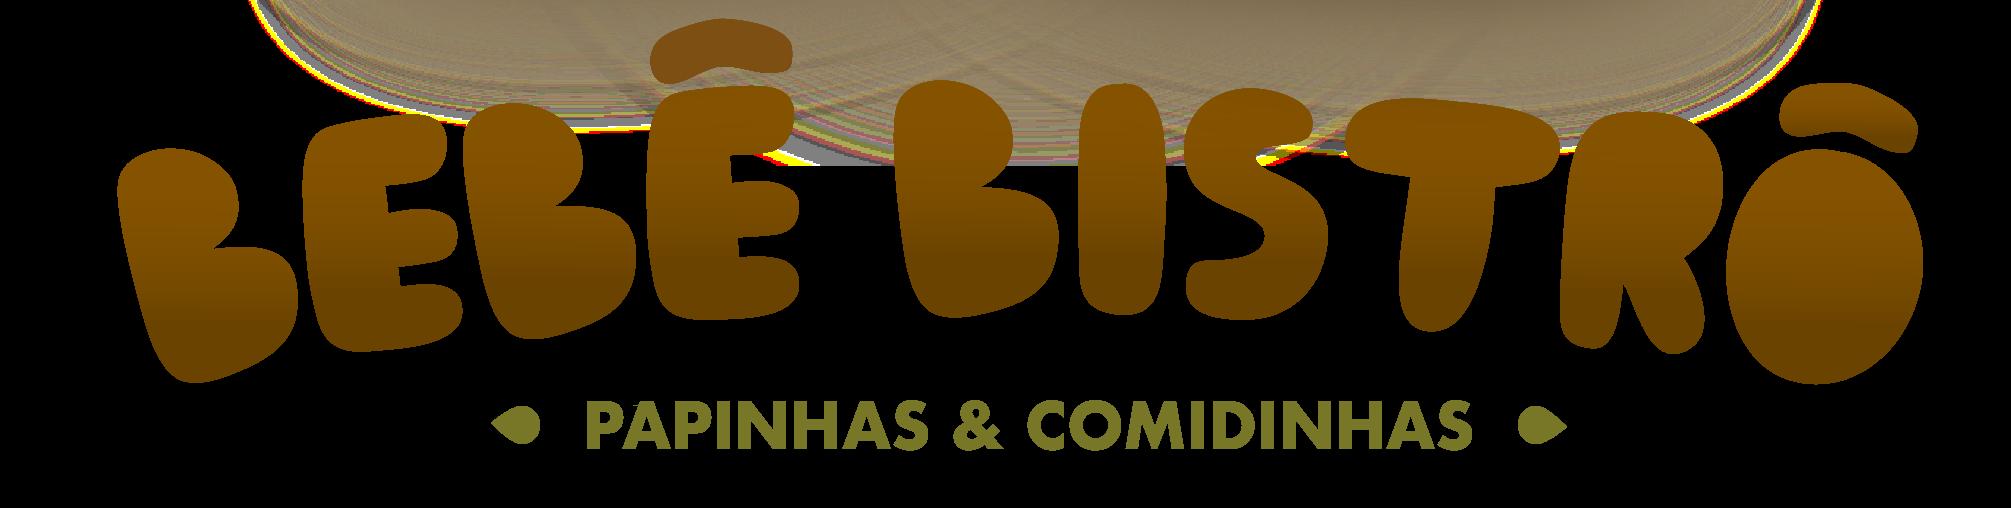 Logo bebê bistrô